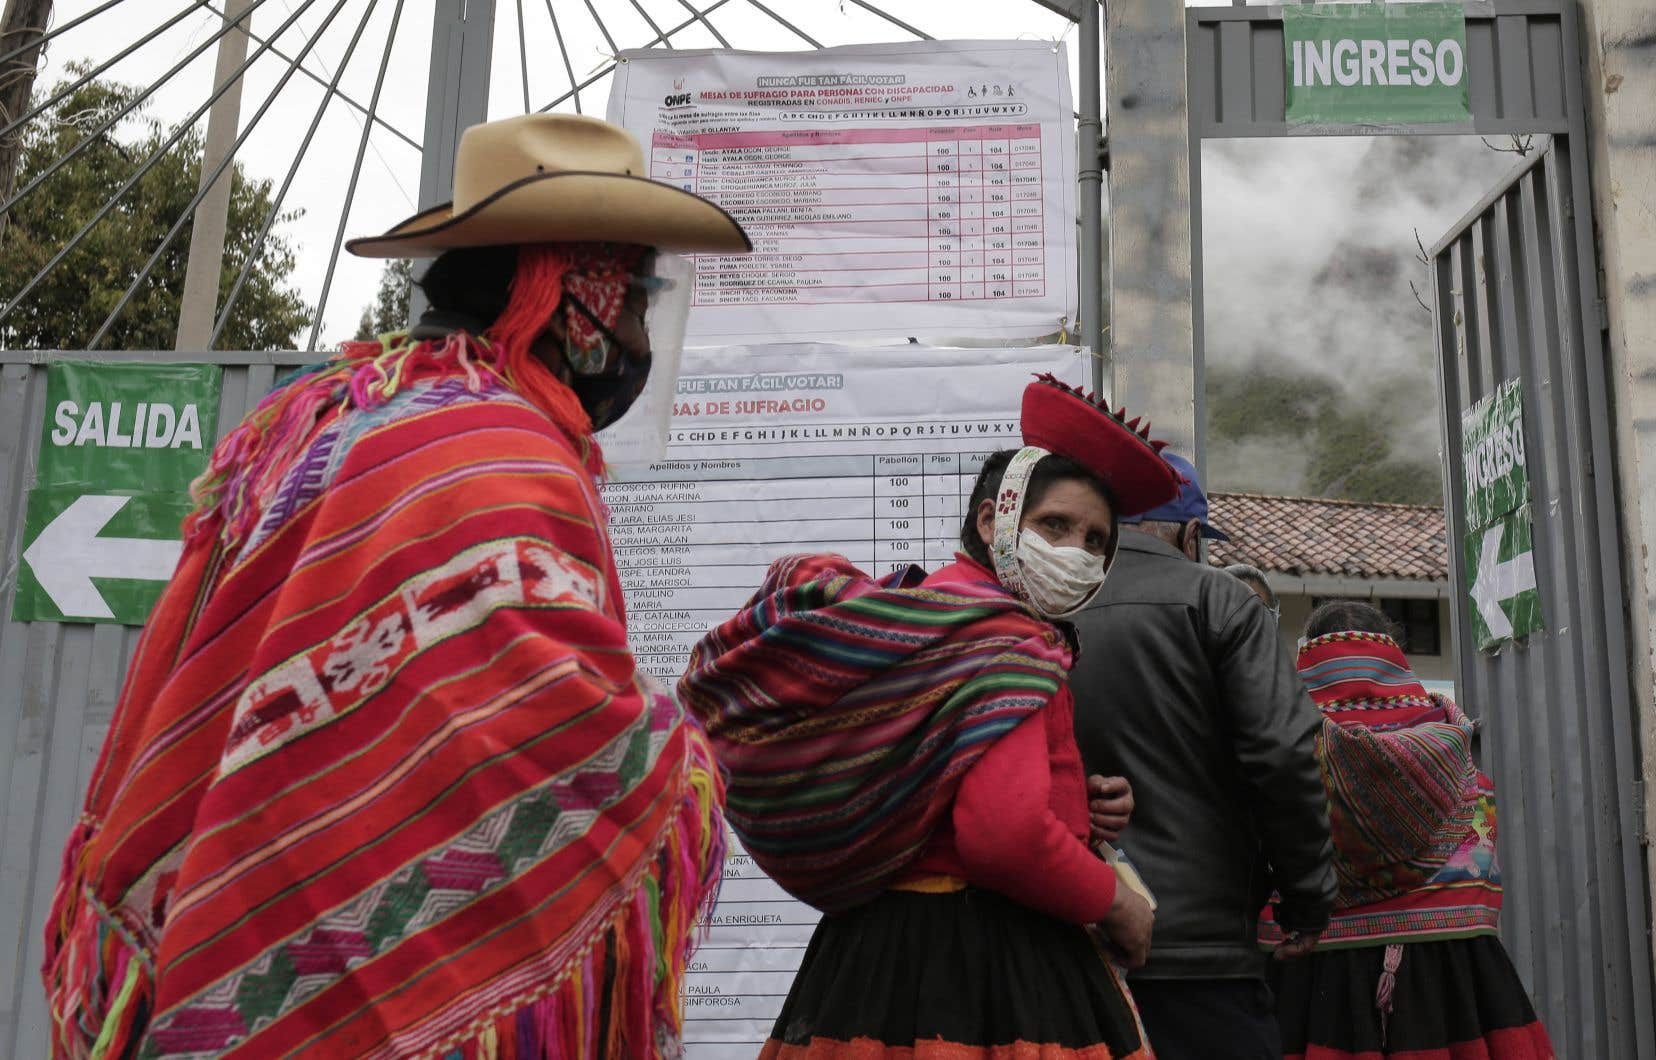 Le vote est obligatoire au Pérou sous peine d'amende. De nombreux Péruviens se sont rendus aux urnes à contrecœur, plus préoccupés par les chiffres alarmants de la pandémie, qui a déjà fait plus de 54000 morts pour 33millions d'habitants, que par l'élection.